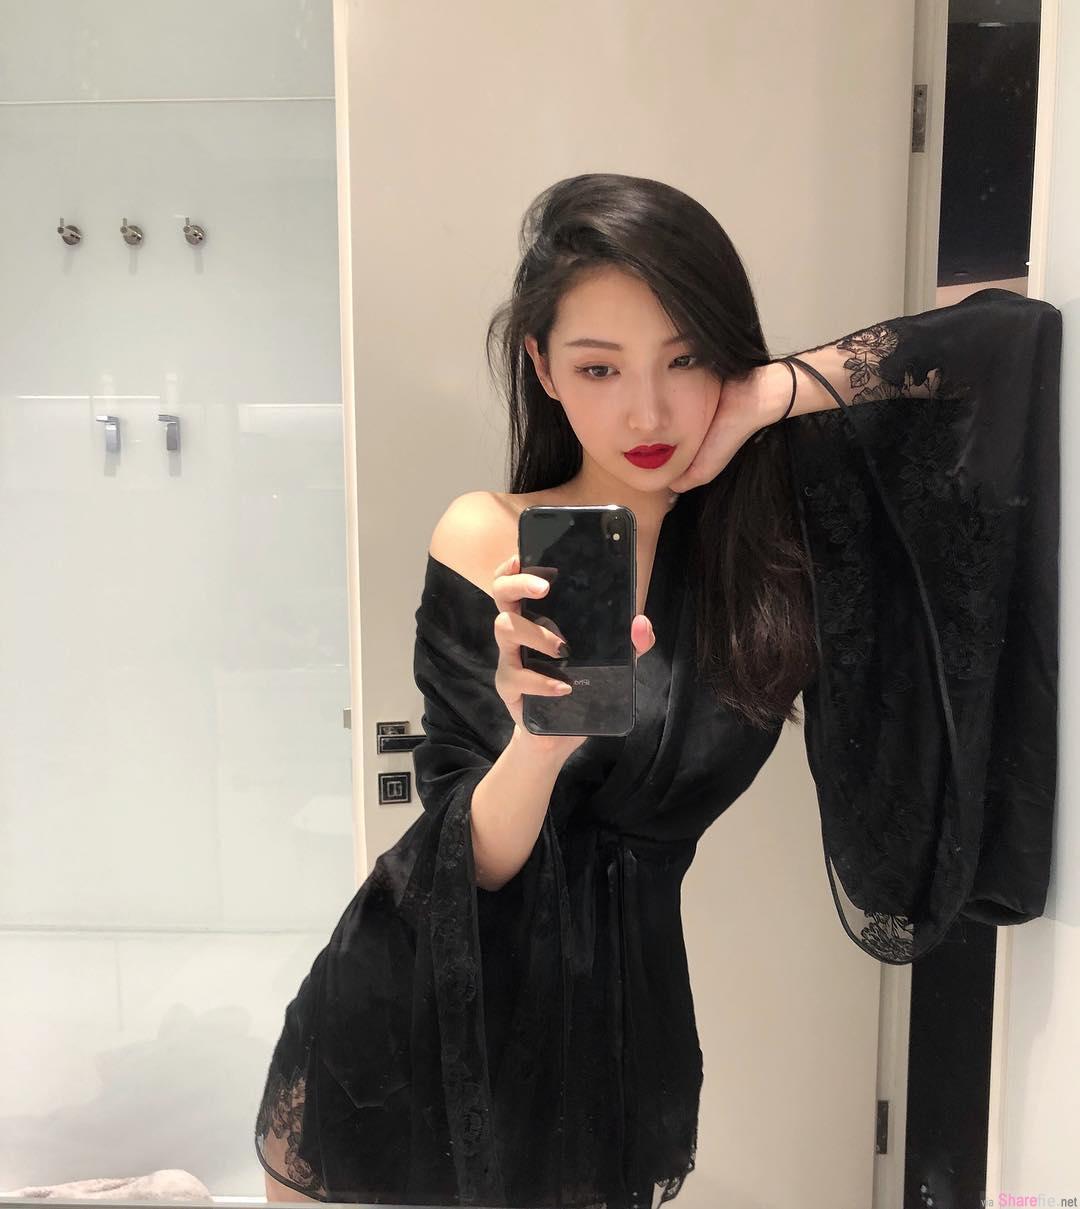 正妹Mrs Huang,前卫时尚风,前面好通风